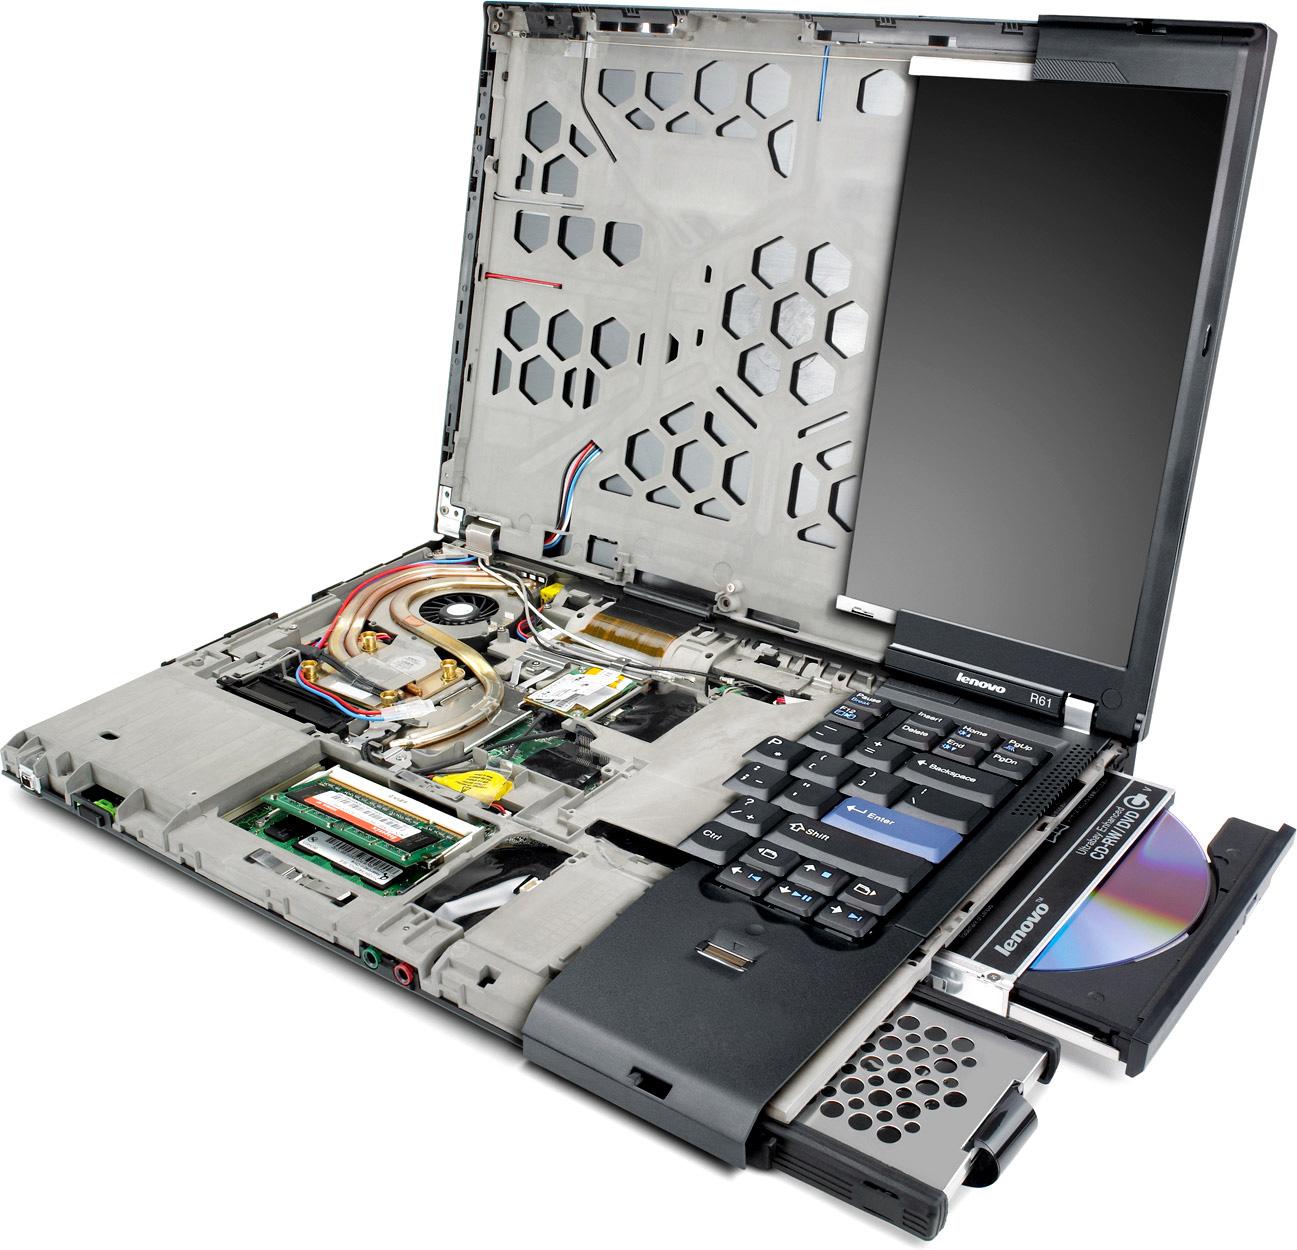 Ноутбук Lenovo работает медленно? — «Компью-помощь» придёт на помощь!